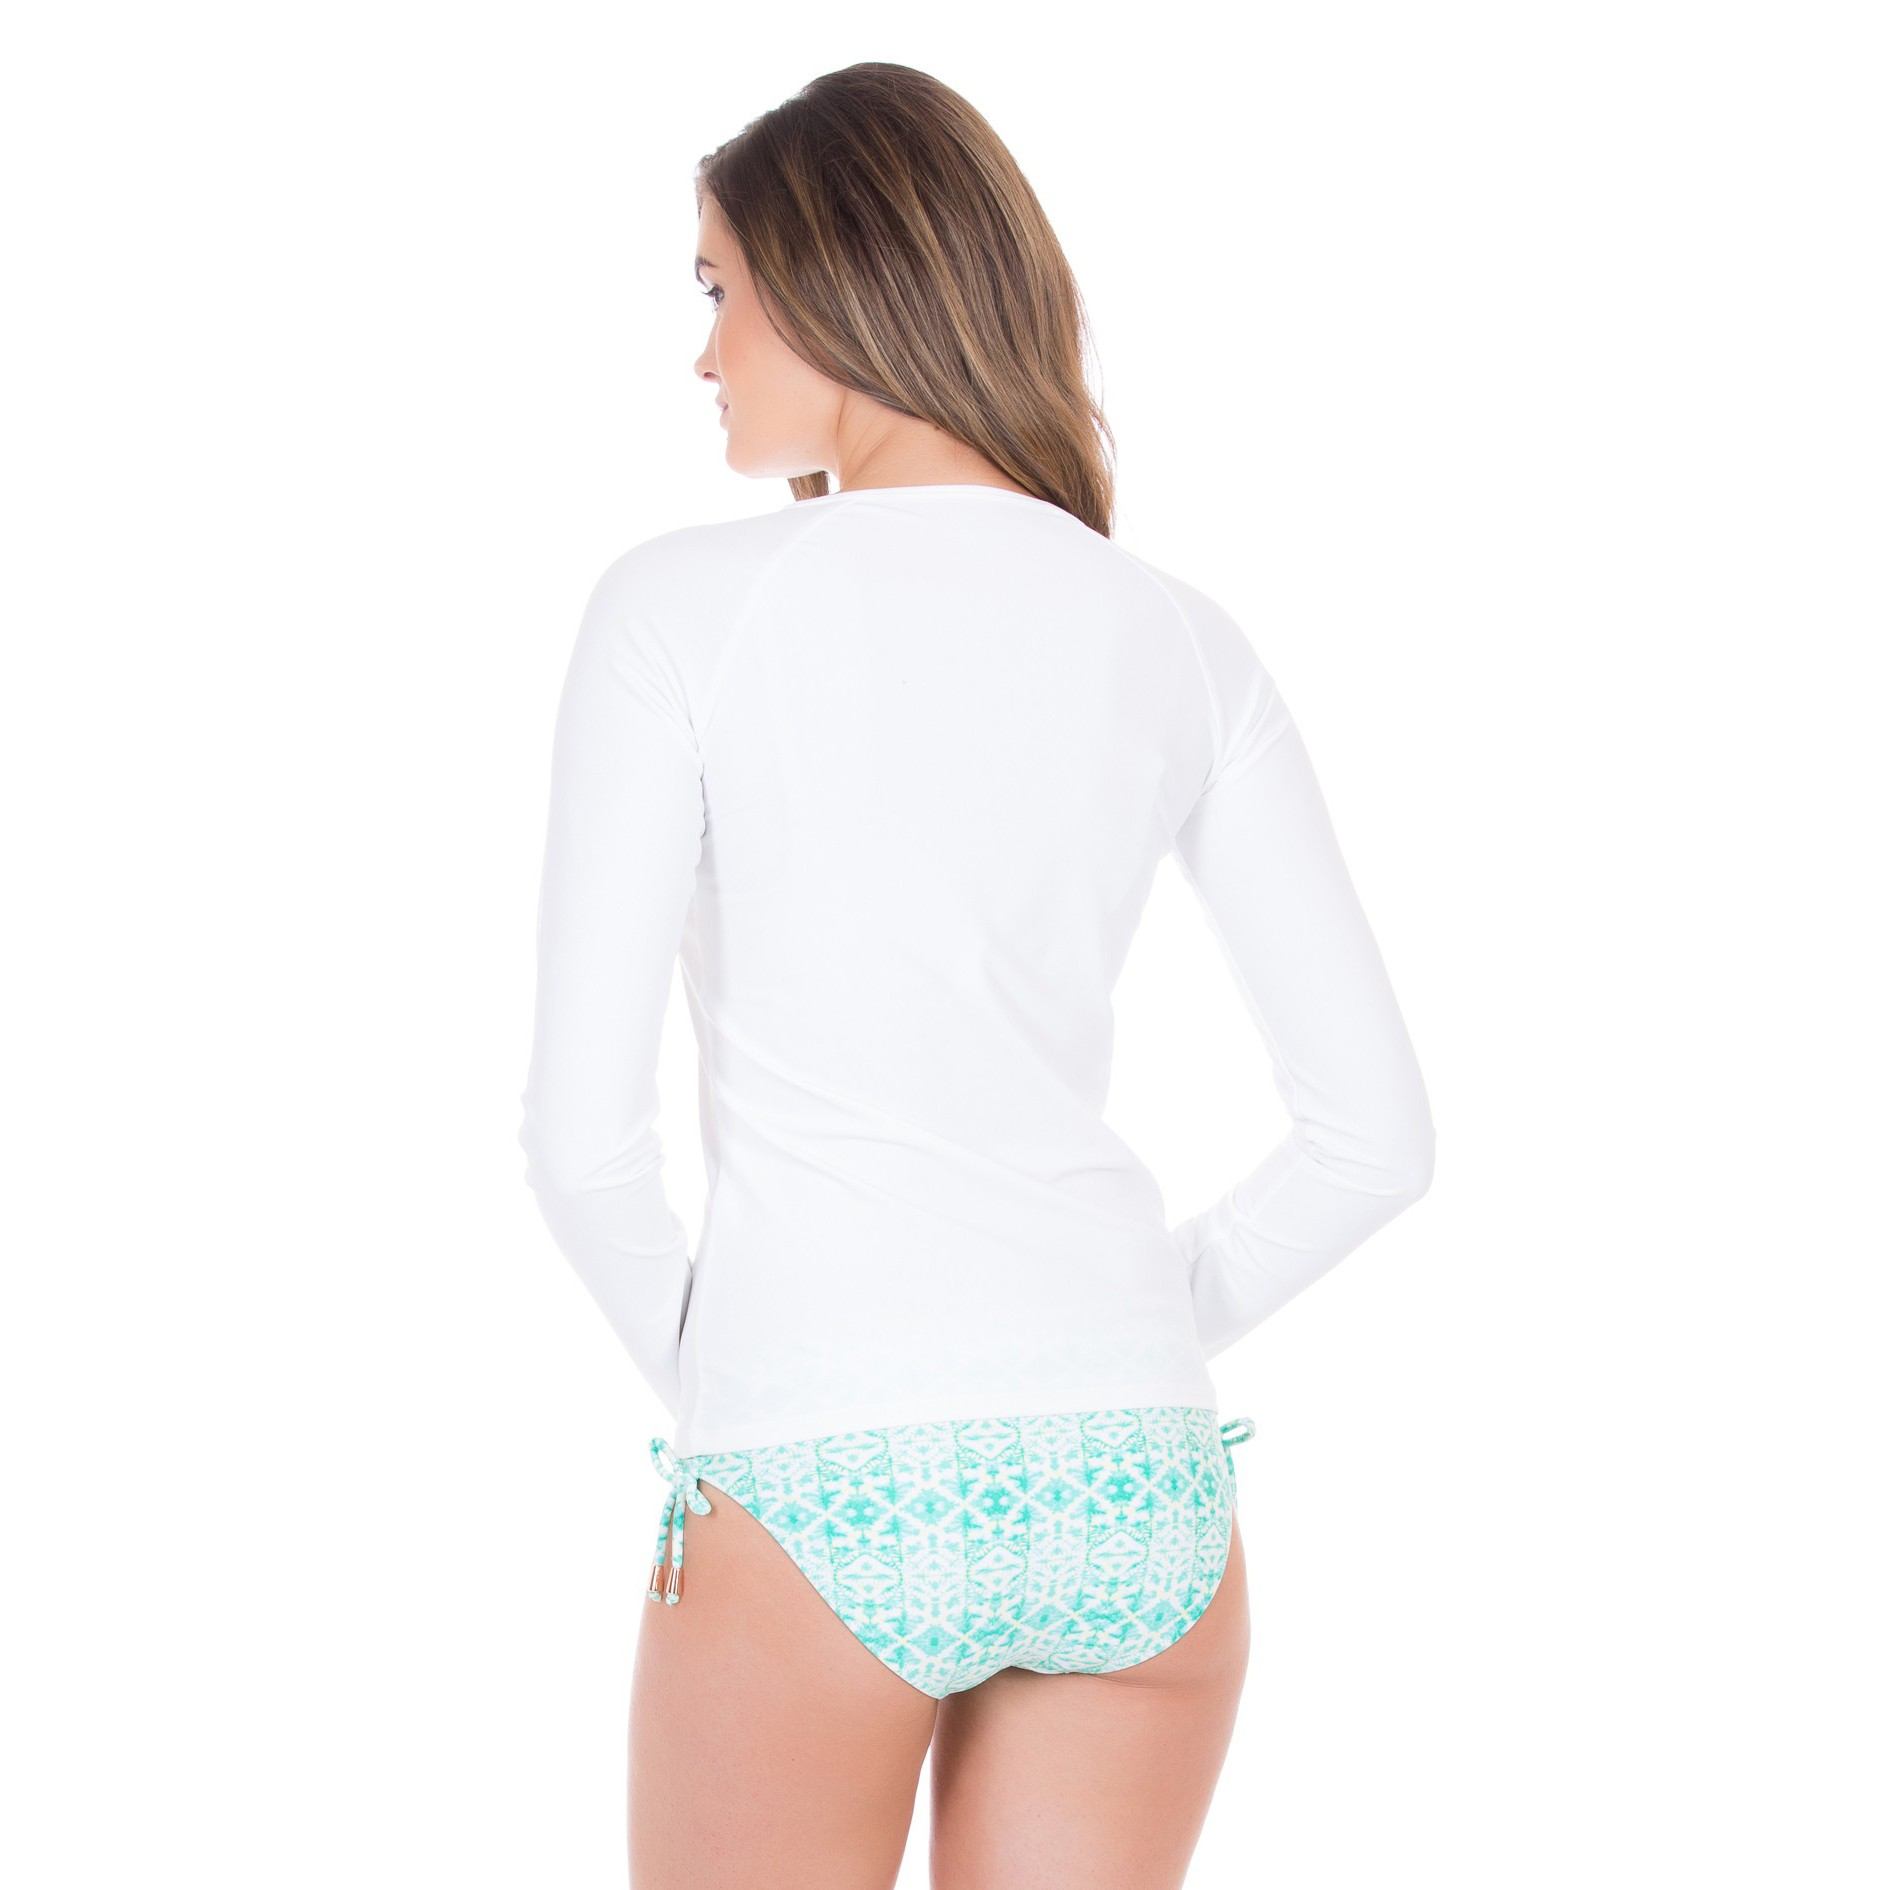 Cabana Life Front-Tie +50 UV Rashguard (Womens)